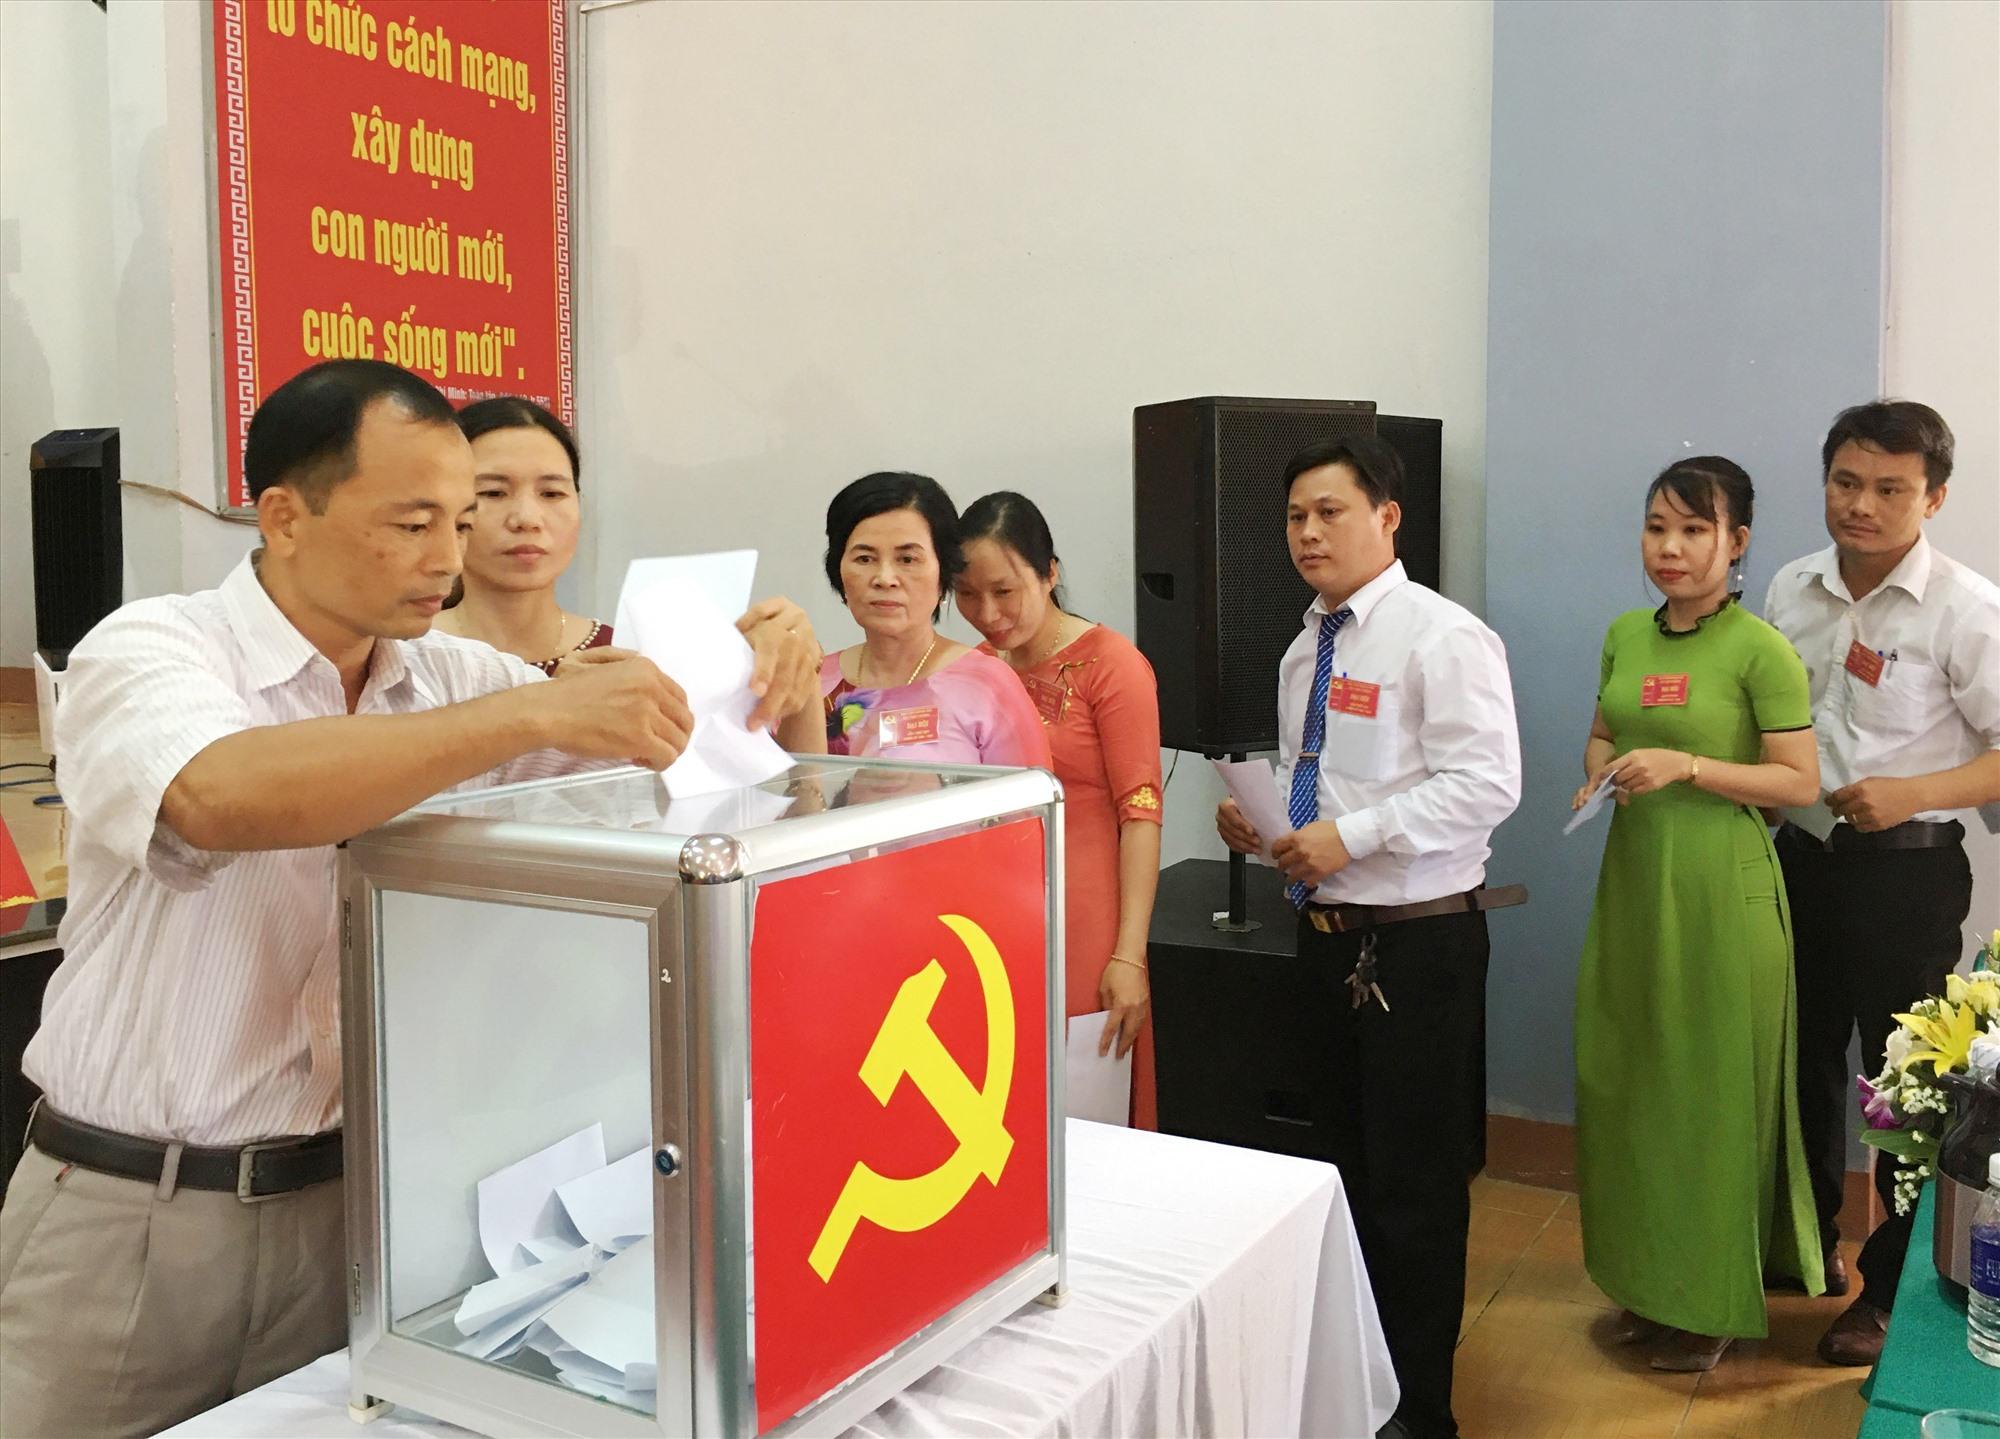 Đại hội đã bầu Ban Chấp hành Đảng bộ xã Tam Thành khóa XIV (nhiệm kỳ 2020 - 2025) gồm 15 đồng chí; ông Võ Văn Chơn tái đắc cử chức danh Bí thư Đảng ủy.